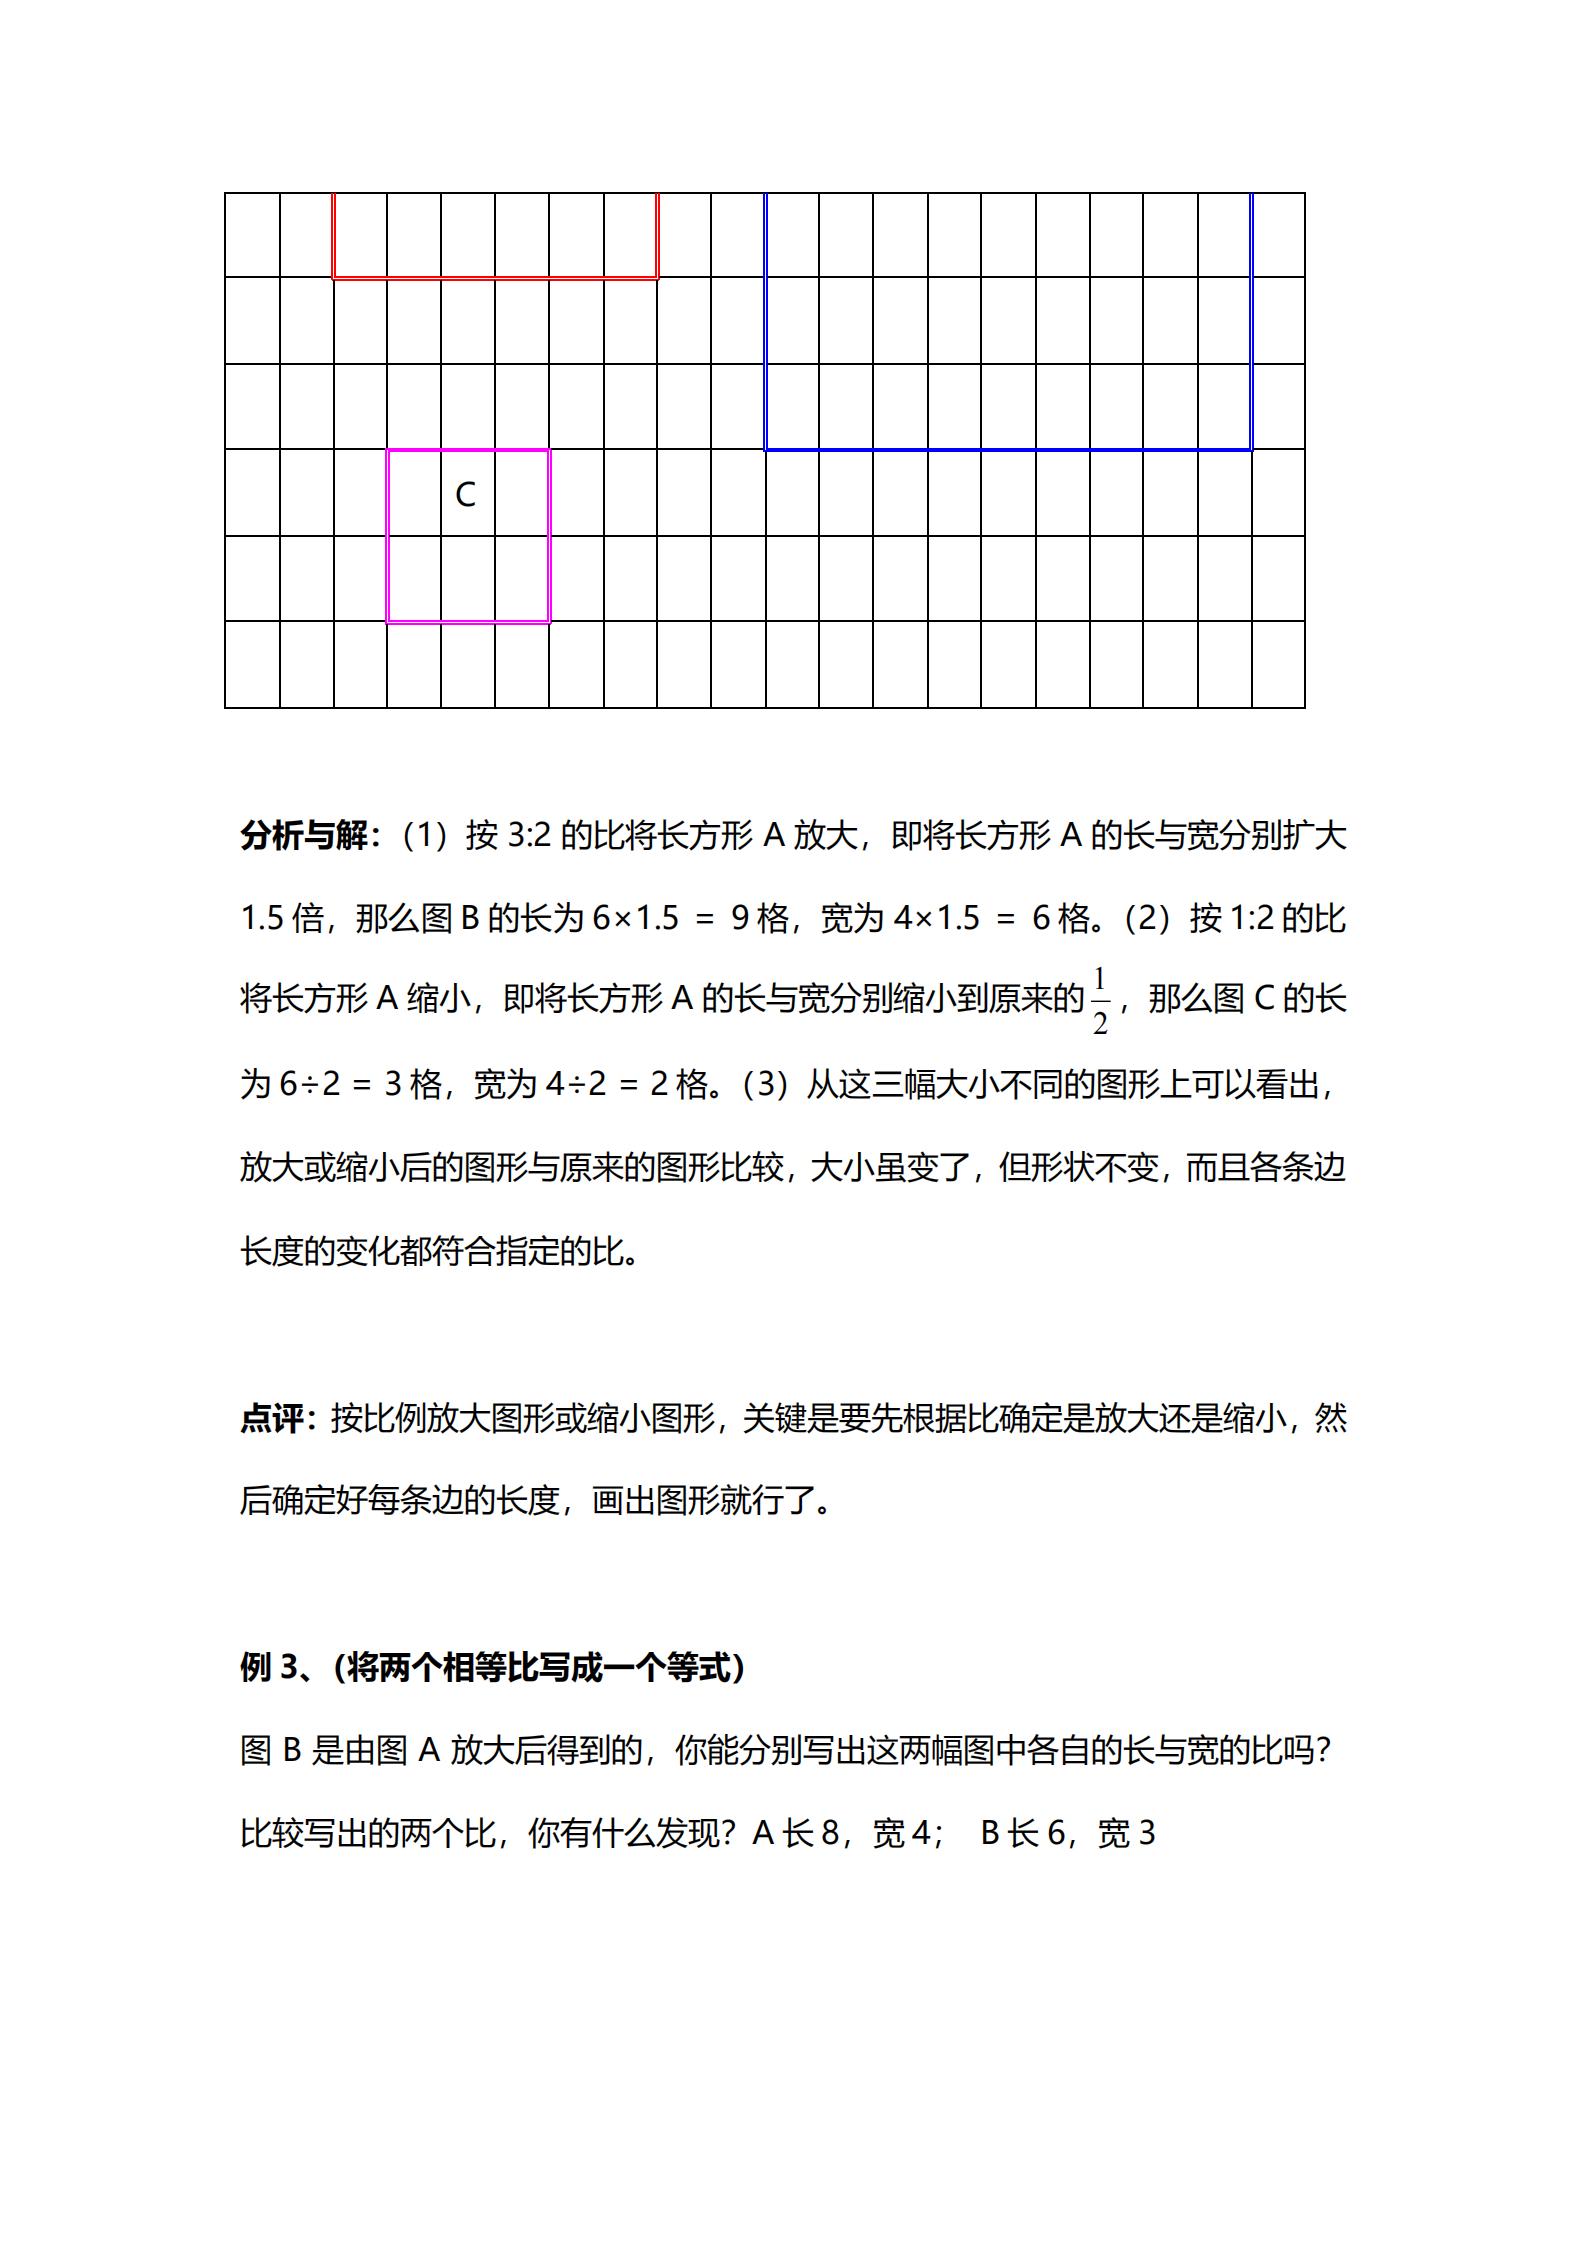 【数学】高频考点-四大专题知识点精选题_16.png